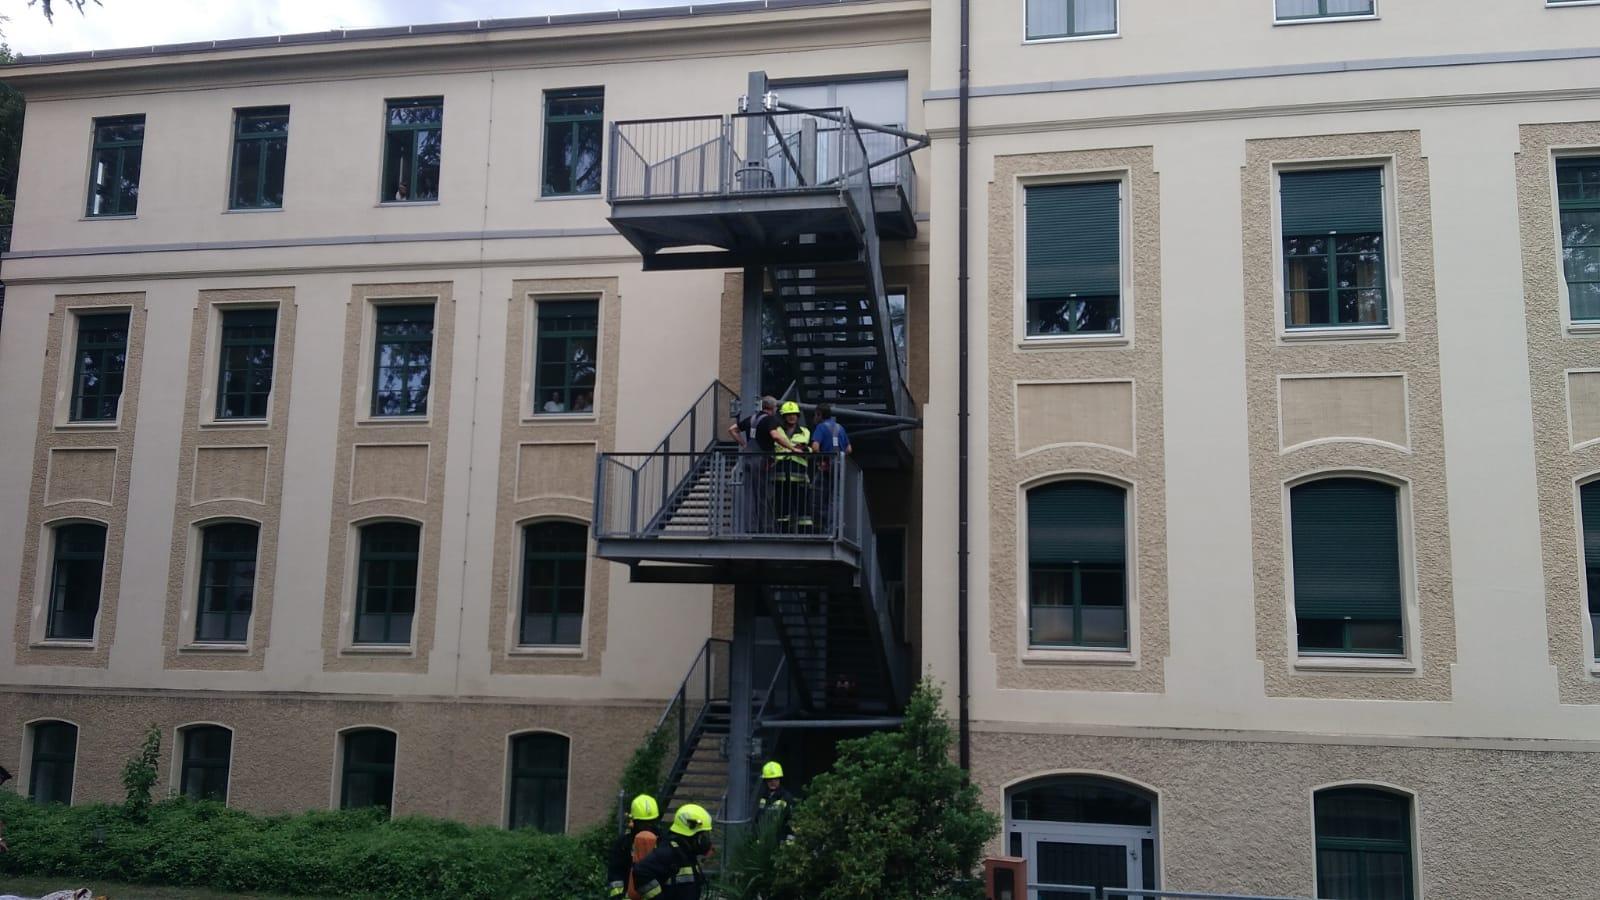 Materassi Merano.Incendio All Ospedale Di Merano A Fuoco Una Coperta E Un